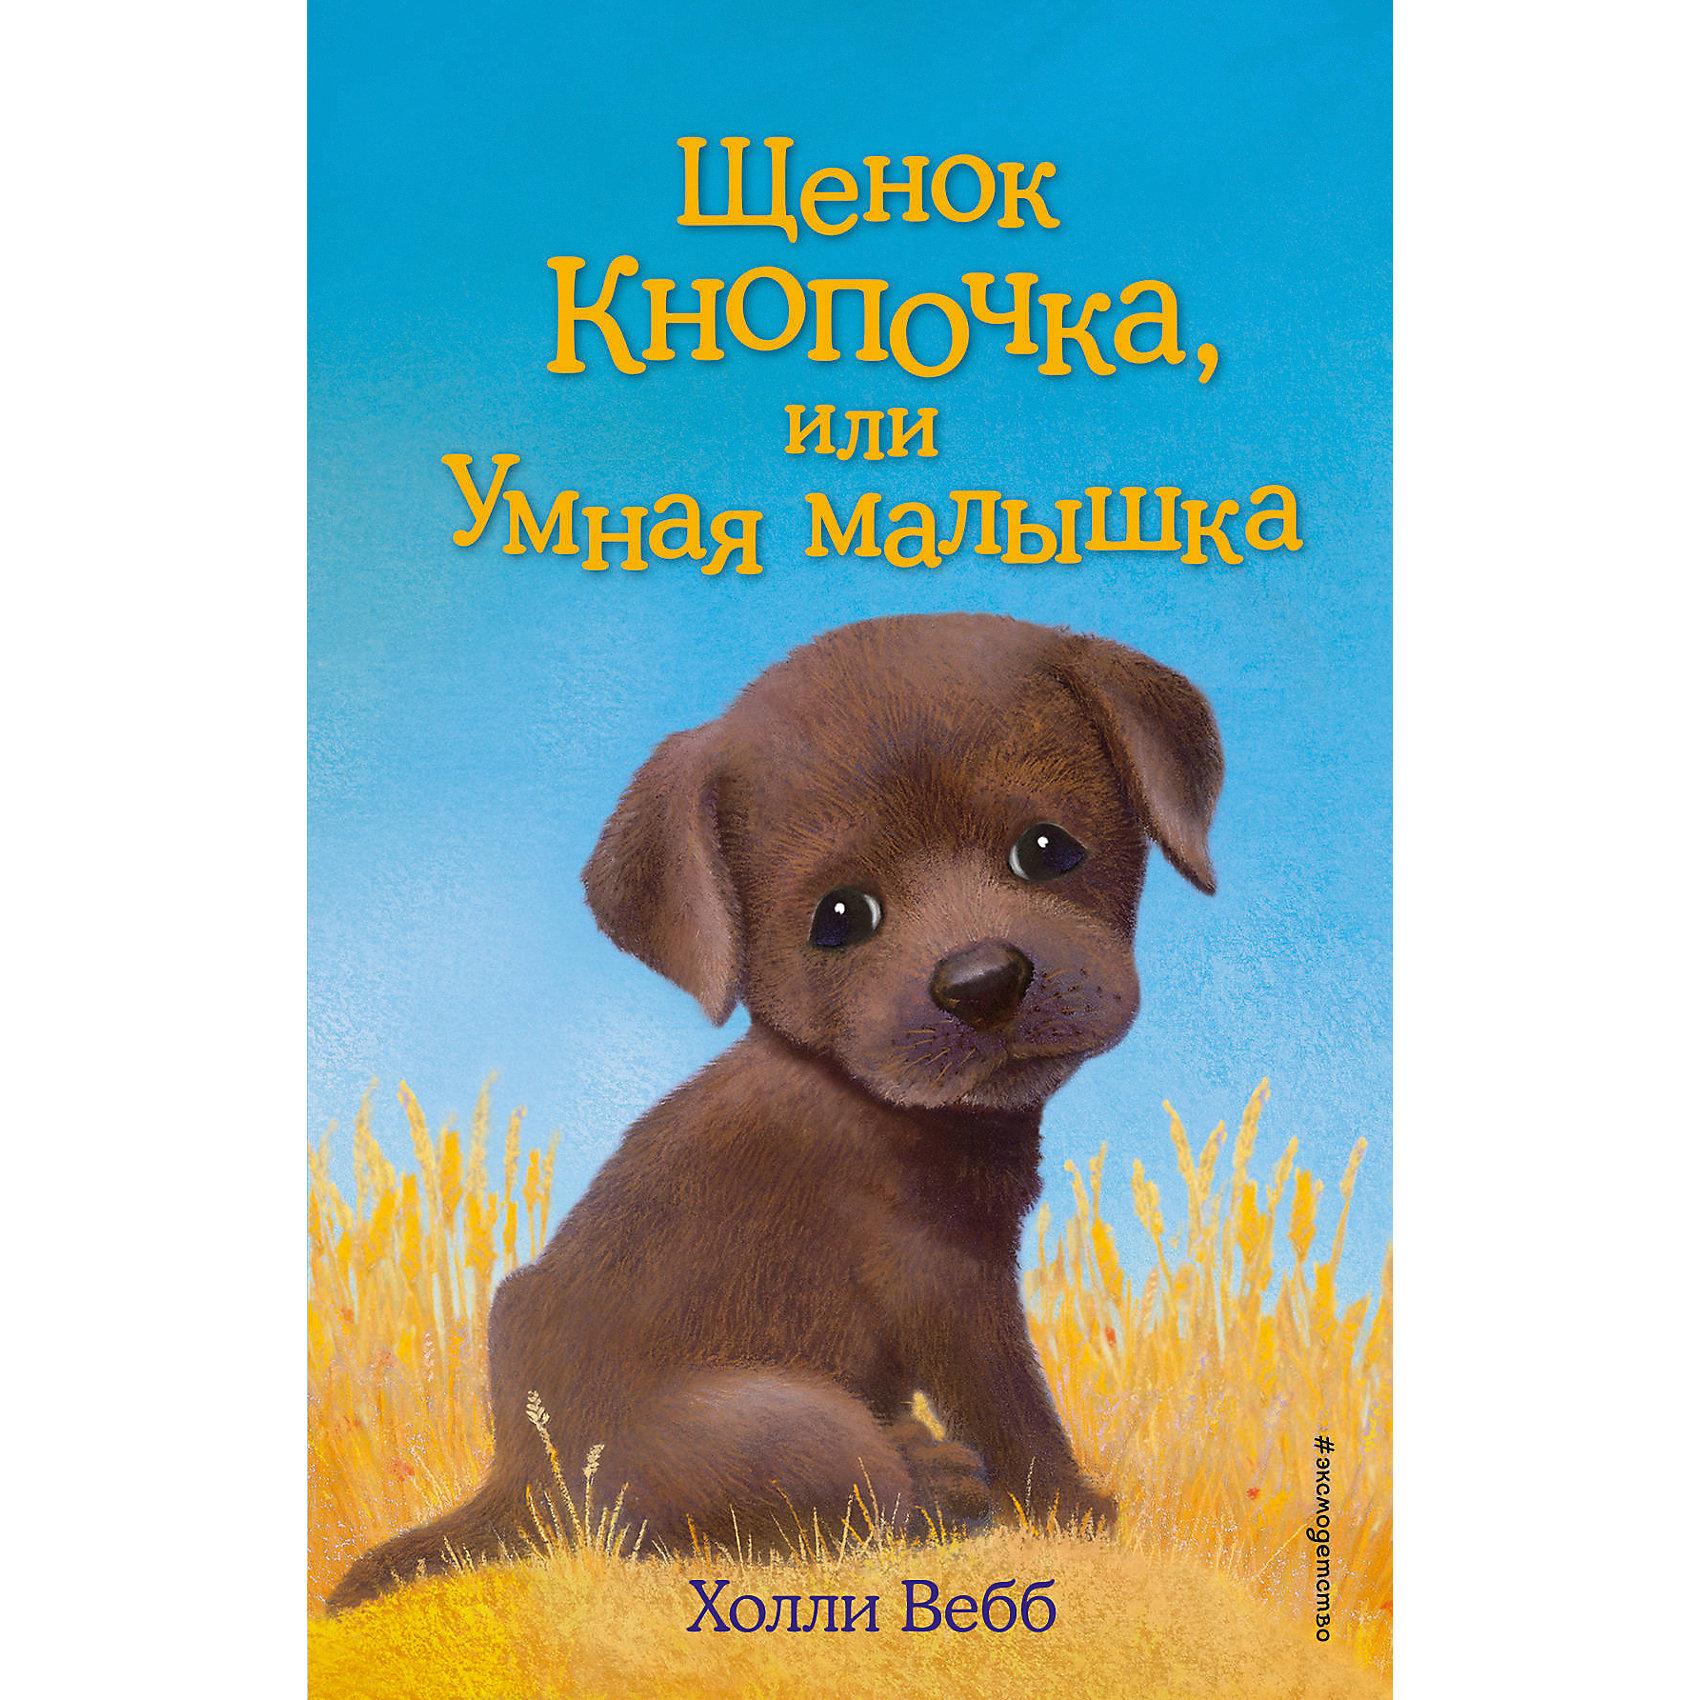 Щенок Кнопочка, или Умная малышкаМузыкальные книги<br>Характеристики товара: <br><br>• ISBN: 9785699925421<br>• возраст от: 6 лет<br>• формат: 84x108/32<br>• бумага: офсет<br>• обложка: твердая<br>• иллюстрации: черно-белые<br>• серия: Добрые истории о зверятах. Мировой бестселлер<br>• издательство: Эксмо<br>• автор: Вебб Холли<br>• художник: Вильямс Софи<br>• переводчик: Тихонова Анна Алексеевна<br>• количество страниц: 144<br>• размеры: 13x20 см<br><br>«Щенок Кнопочка, или Умная малышка» - это история, которая поможет научить ребенка доброте и состраданию.<br><br>Отличное качество издания, удобный формат, доступный язык - всё это поможет ребенку прочитать книгу с удовольствием. <br><br>Книгу «Щенок Кнопочка, или Умная малышка» можно купить в нашем интернет-магазине.<br><br>Ширина мм: 200<br>Глубина мм: 125<br>Высота мм: 130<br>Вес г: 253<br>Возраст от месяцев: 84<br>Возраст до месяцев: 2147483647<br>Пол: Унисекс<br>Возраст: Детский<br>SKU: 5535486